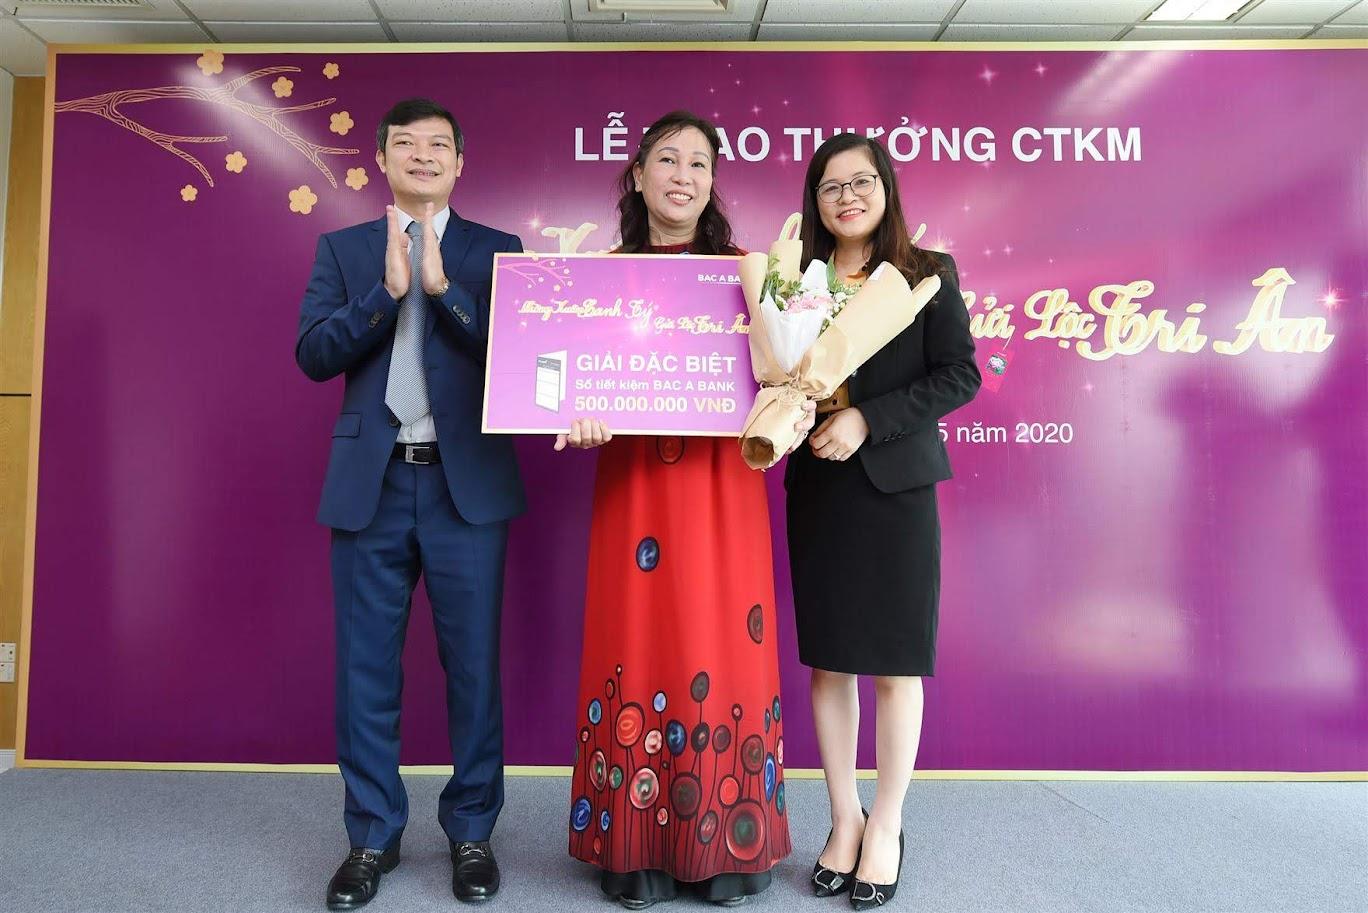 Đại diện Ngân hàng TMCP Bắc Á trao giải Đặc biệt cho Khách hàng Nguyễn Thị Thuý Hà